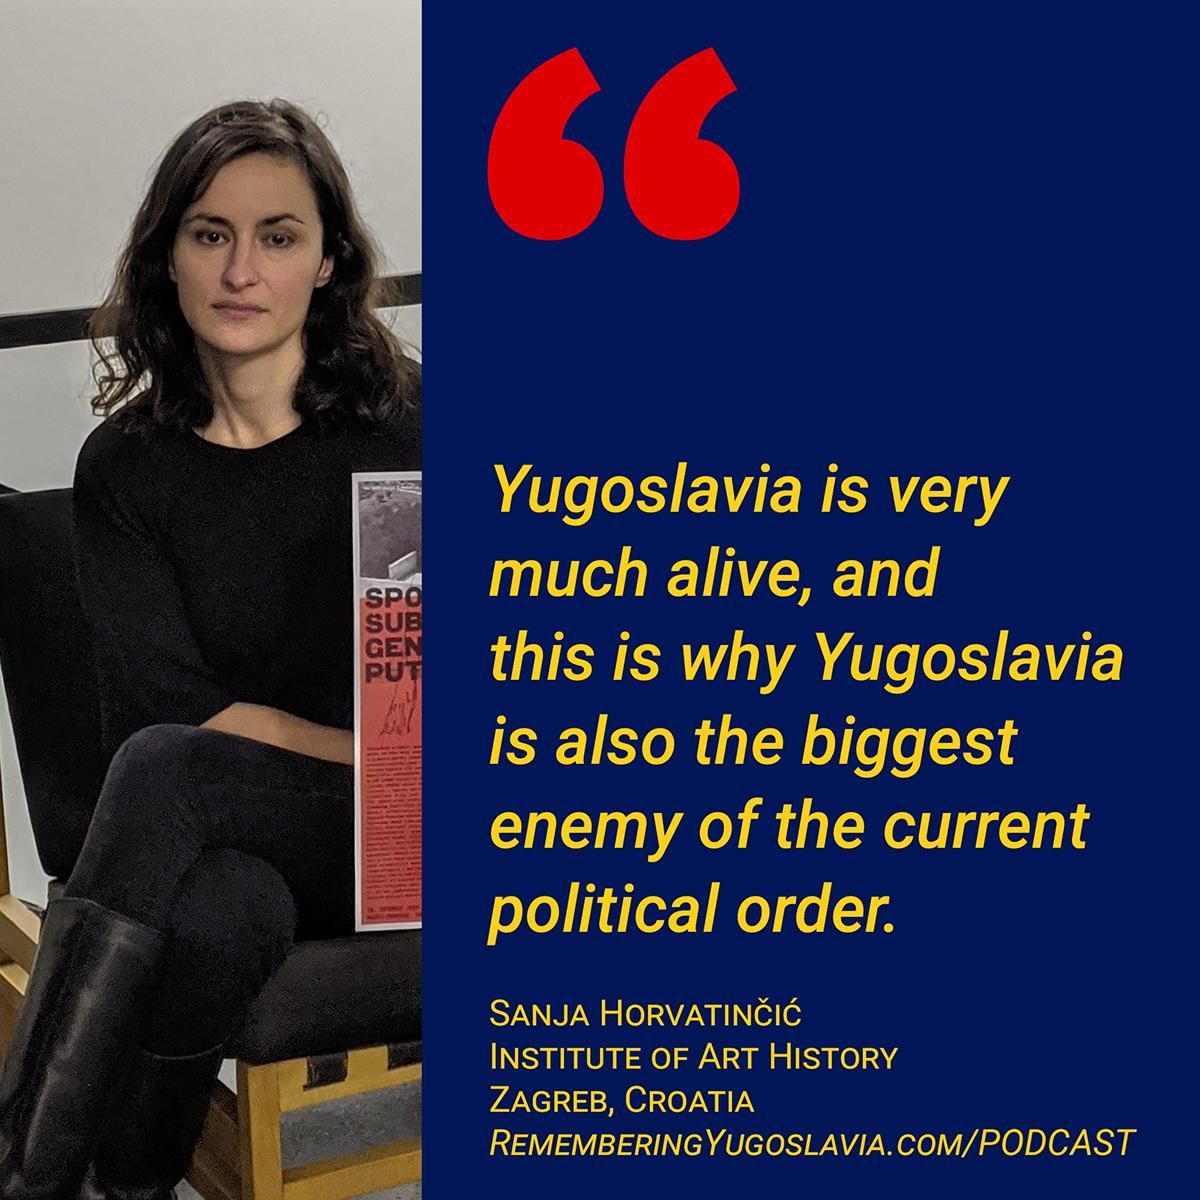 Sanja Horvatincic